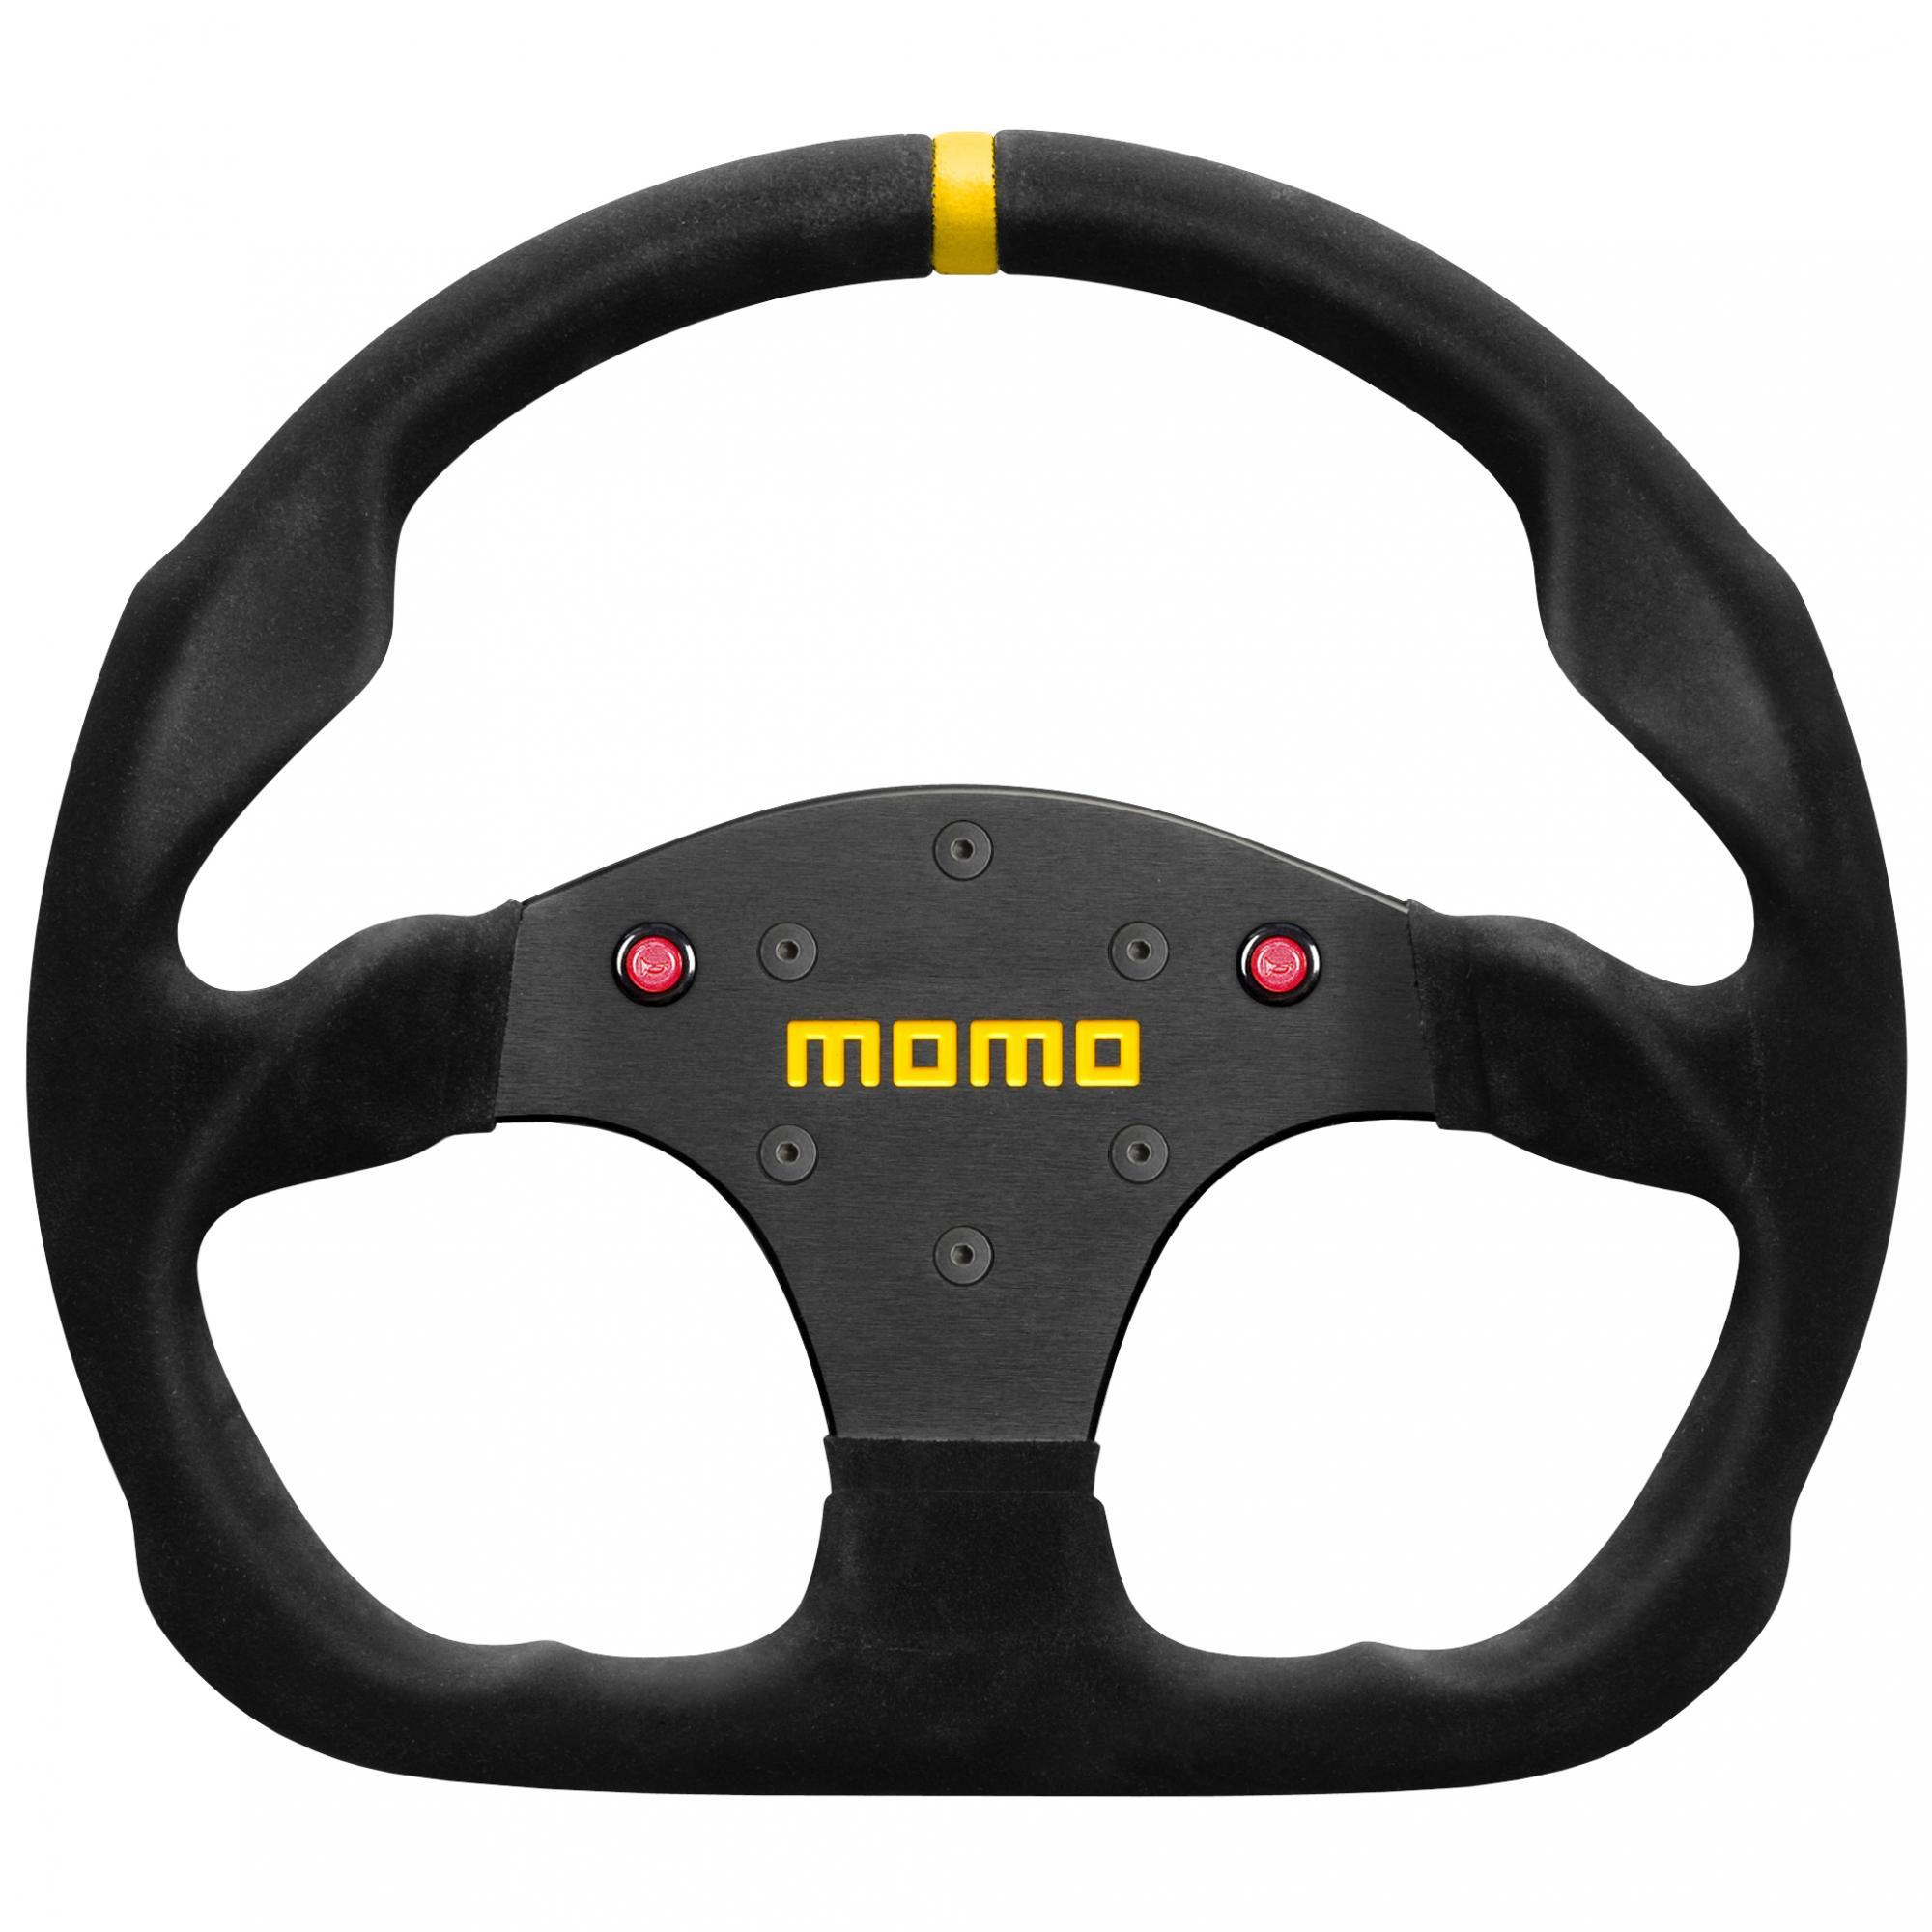 Momo Steering Wheel Suede Momo Model 30 Suede Steering